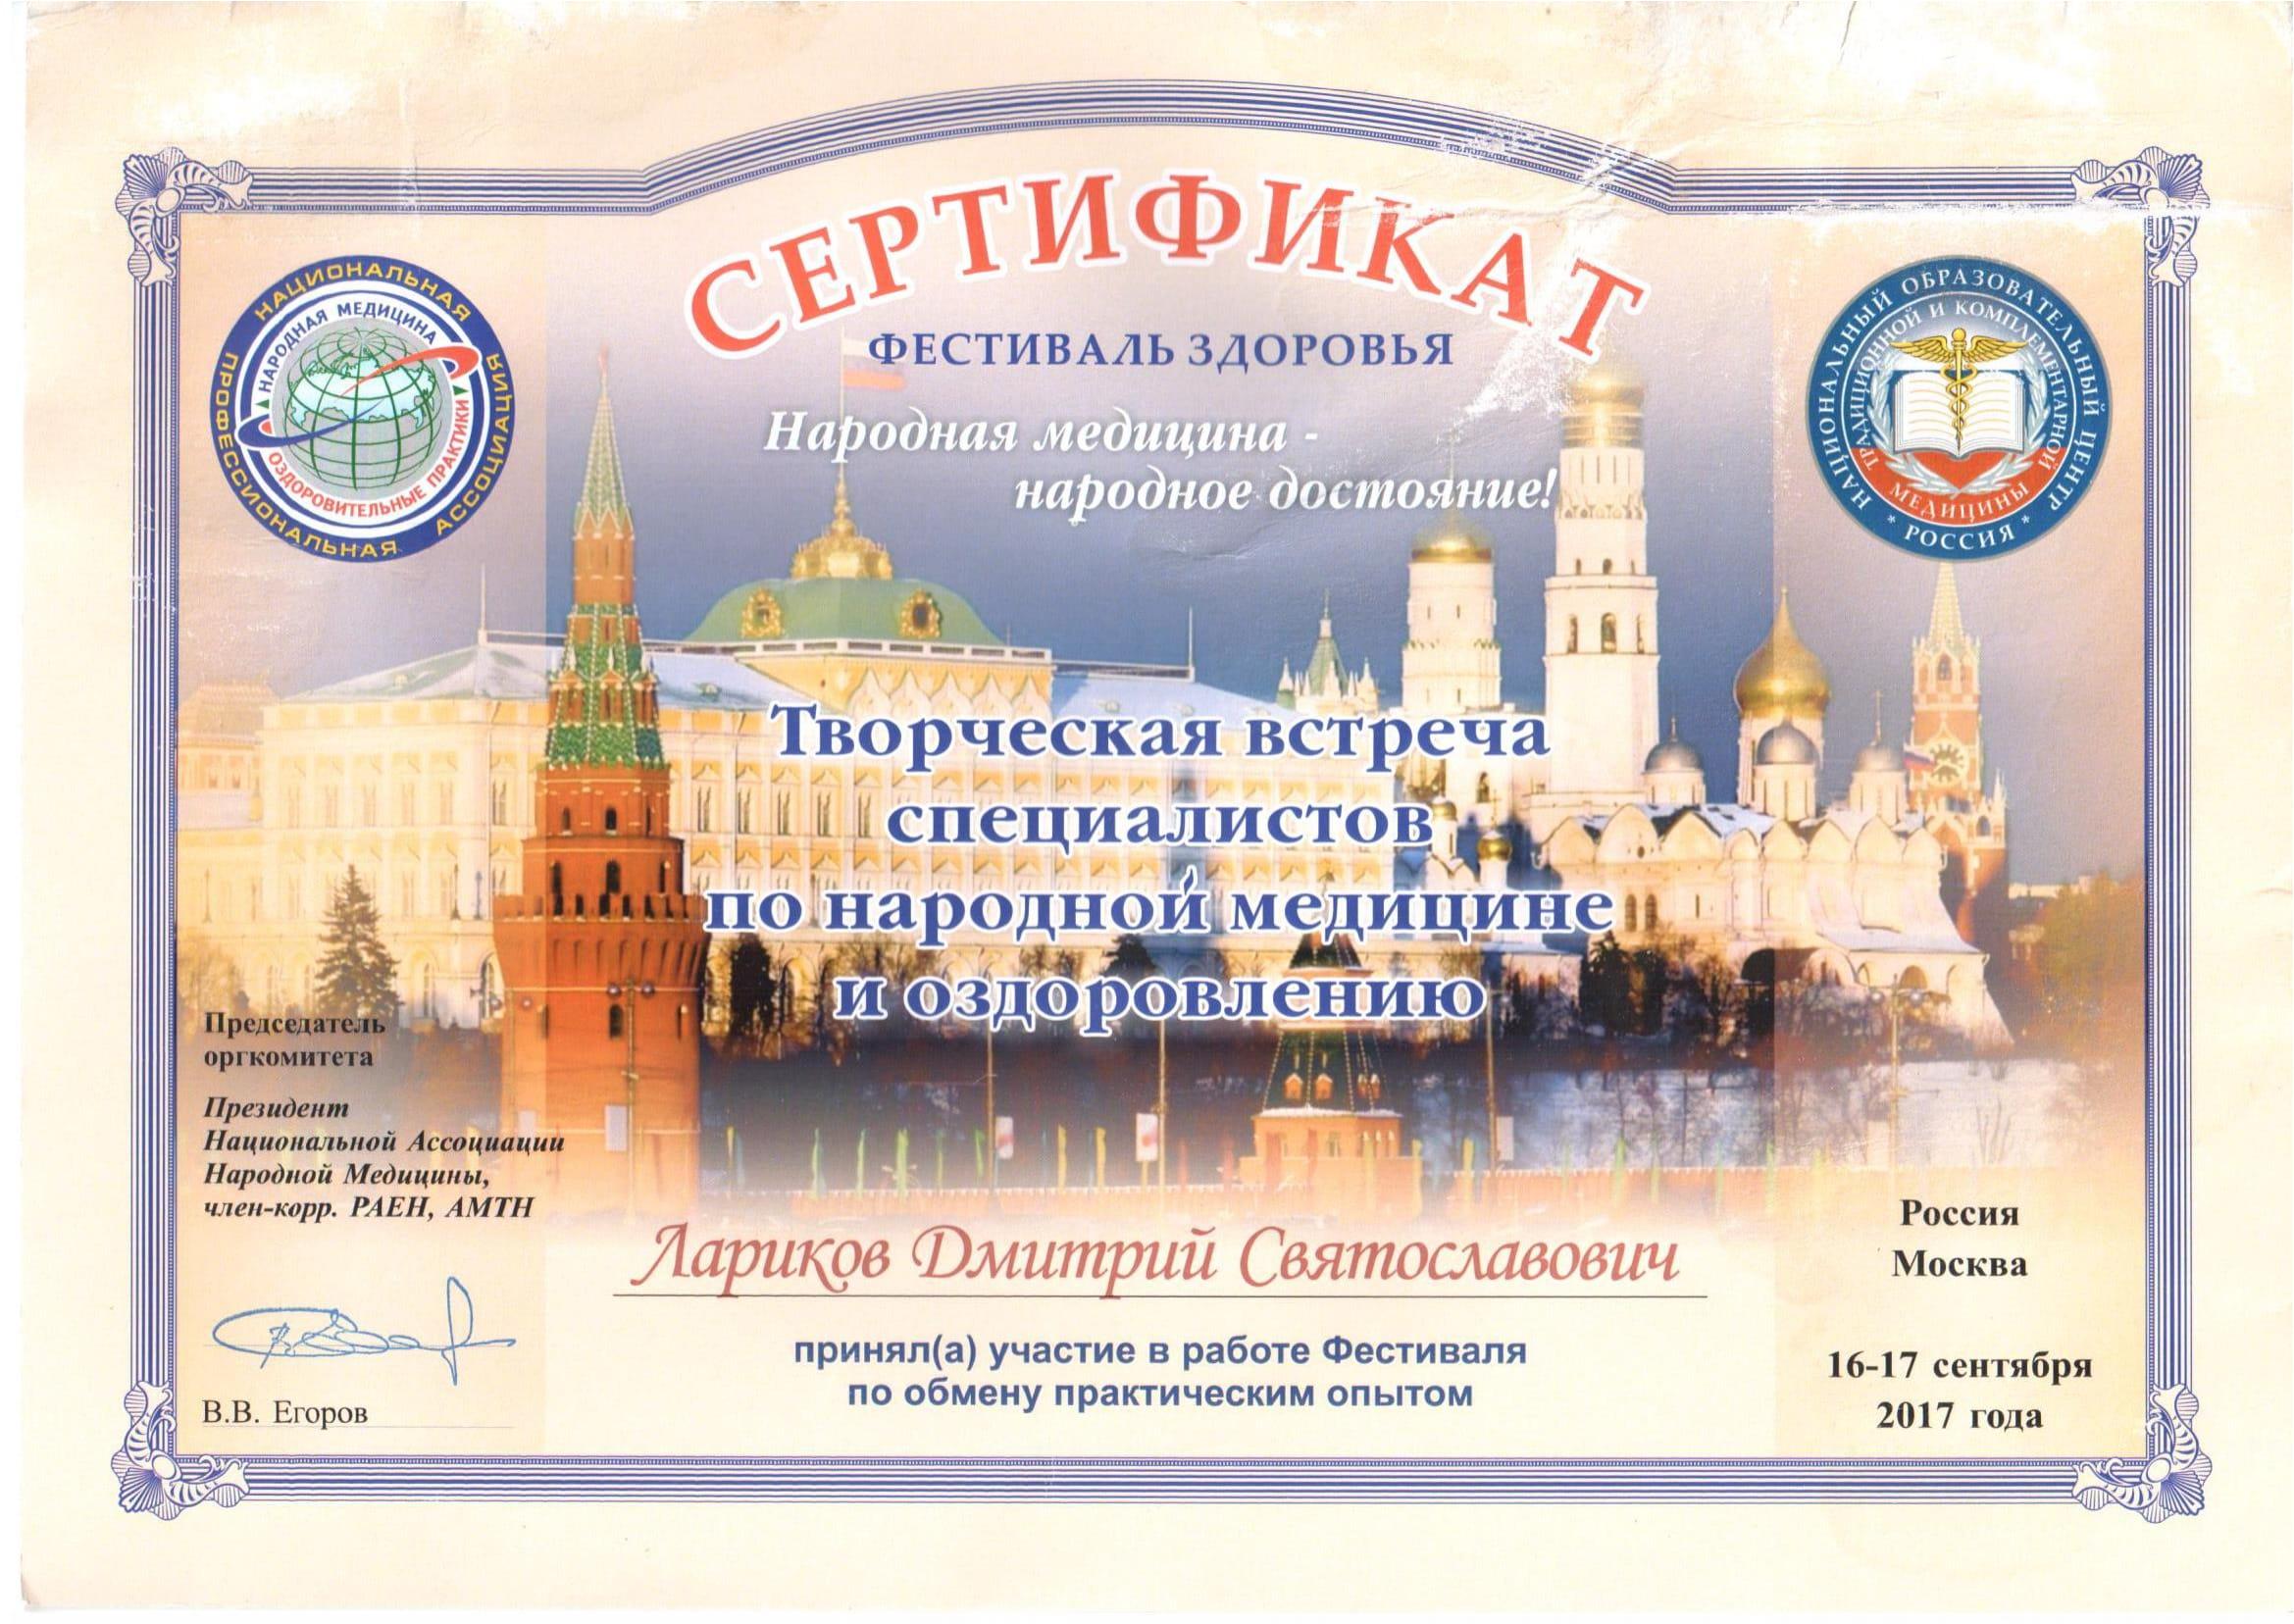 Сертификат Творческая встреча Лариков РА